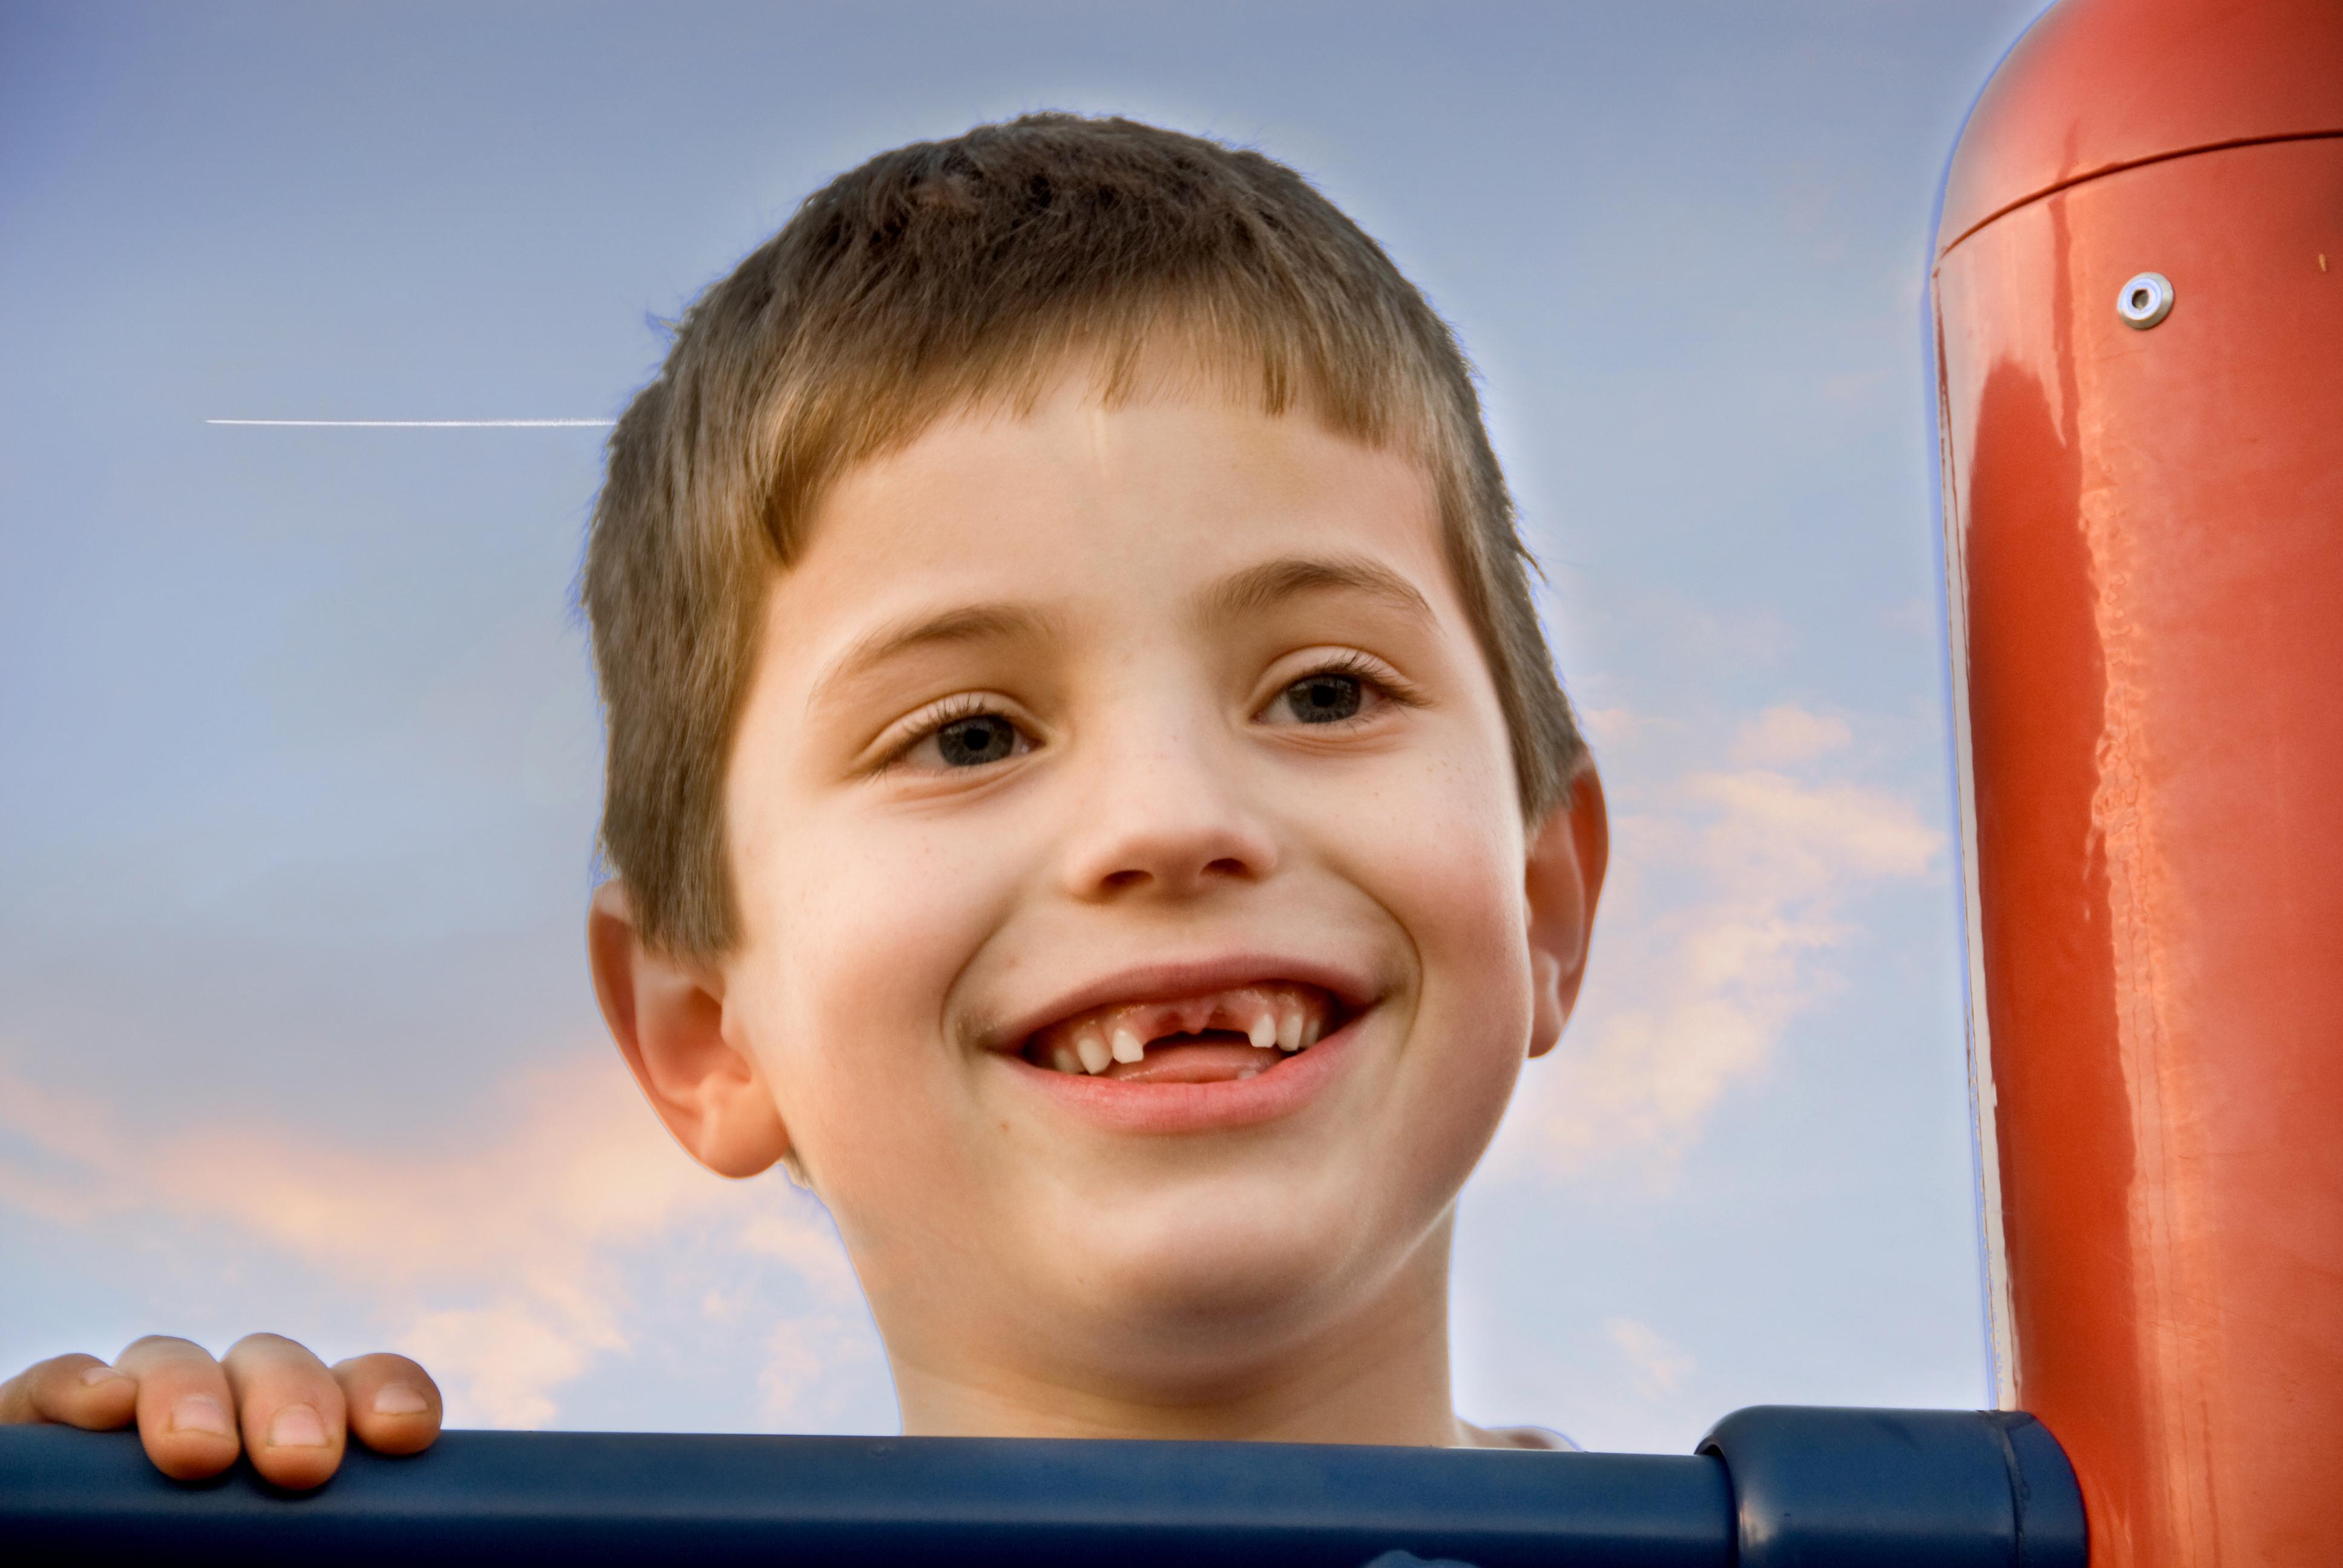 Sabia que a polpa dentária contém células-tronco que podem ser preservadas para o futuro do seu filho?